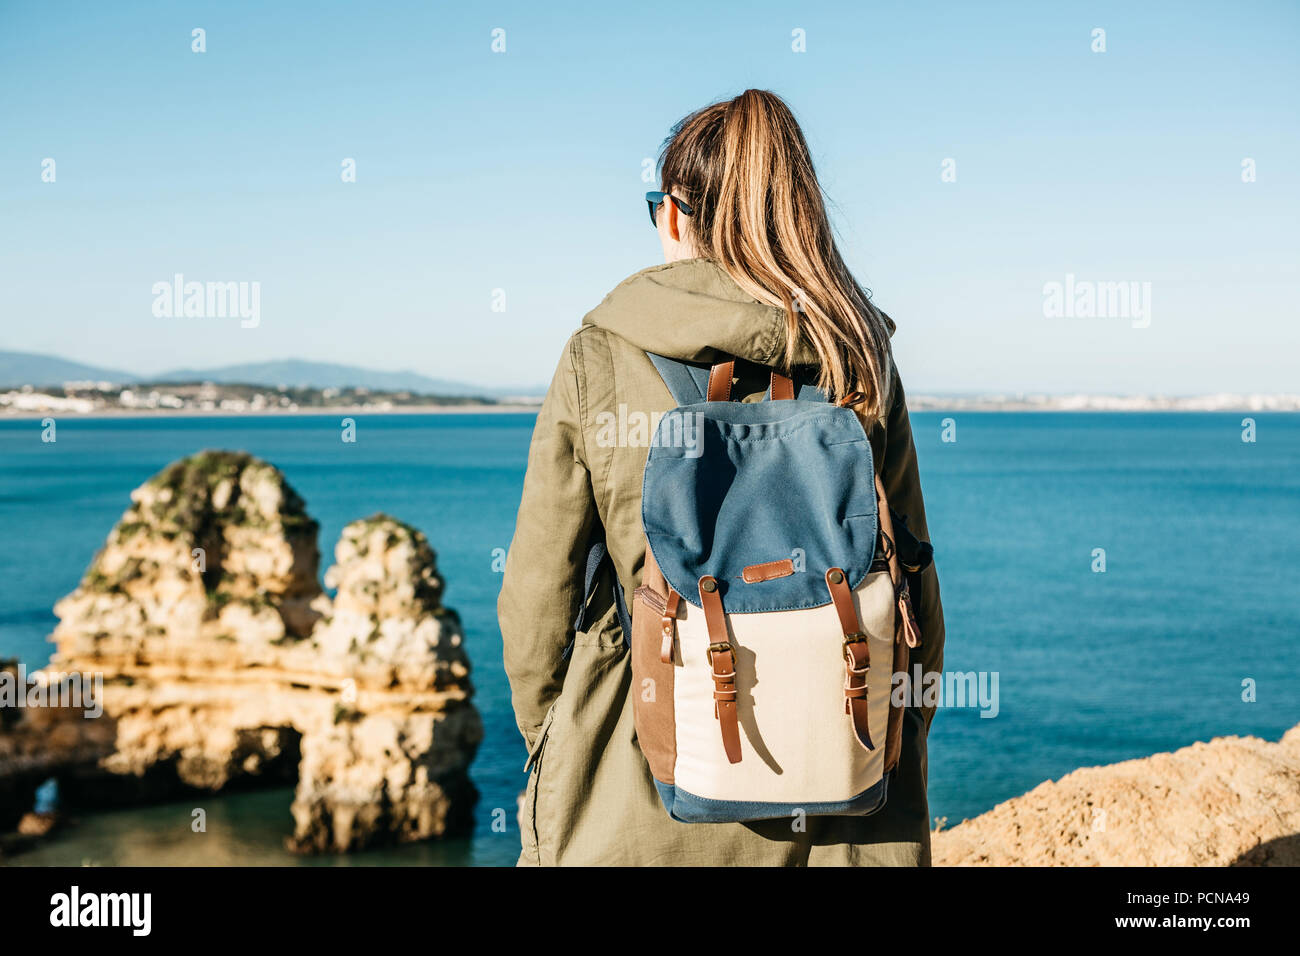 Eine touristische Mädchen oder ein Reisender mit einem Rucksack bewundern die schöne Aussicht auf den Atlantischen Ozean in Portugal. Stockbild